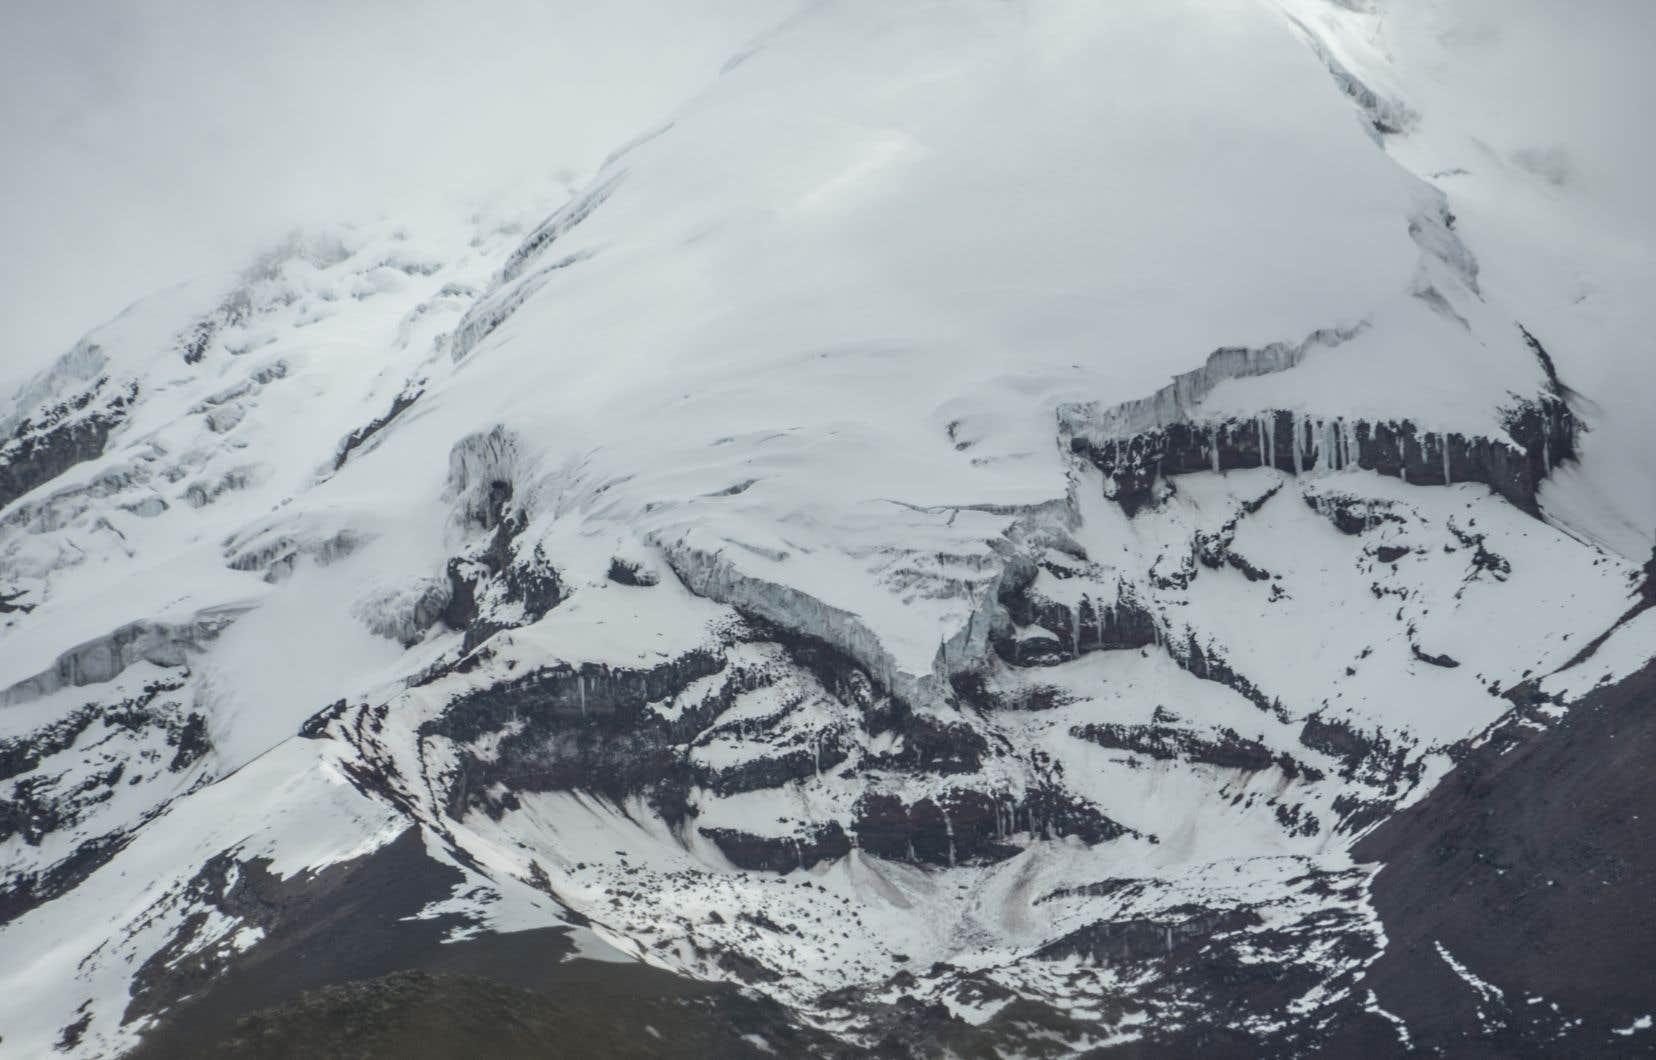 <p>Quand des éléments radioactifs sont relâchés dans l'atmosphère, ils retombent sur terre par des pluies acides, et peuvent être absorbés par les plantes et le sol.Mais quand ils tombent sous forme de neige et s'installent sur la glace, ils forment des sédiments plus lourds, qui s'accumulent dans les glaciers.</p>